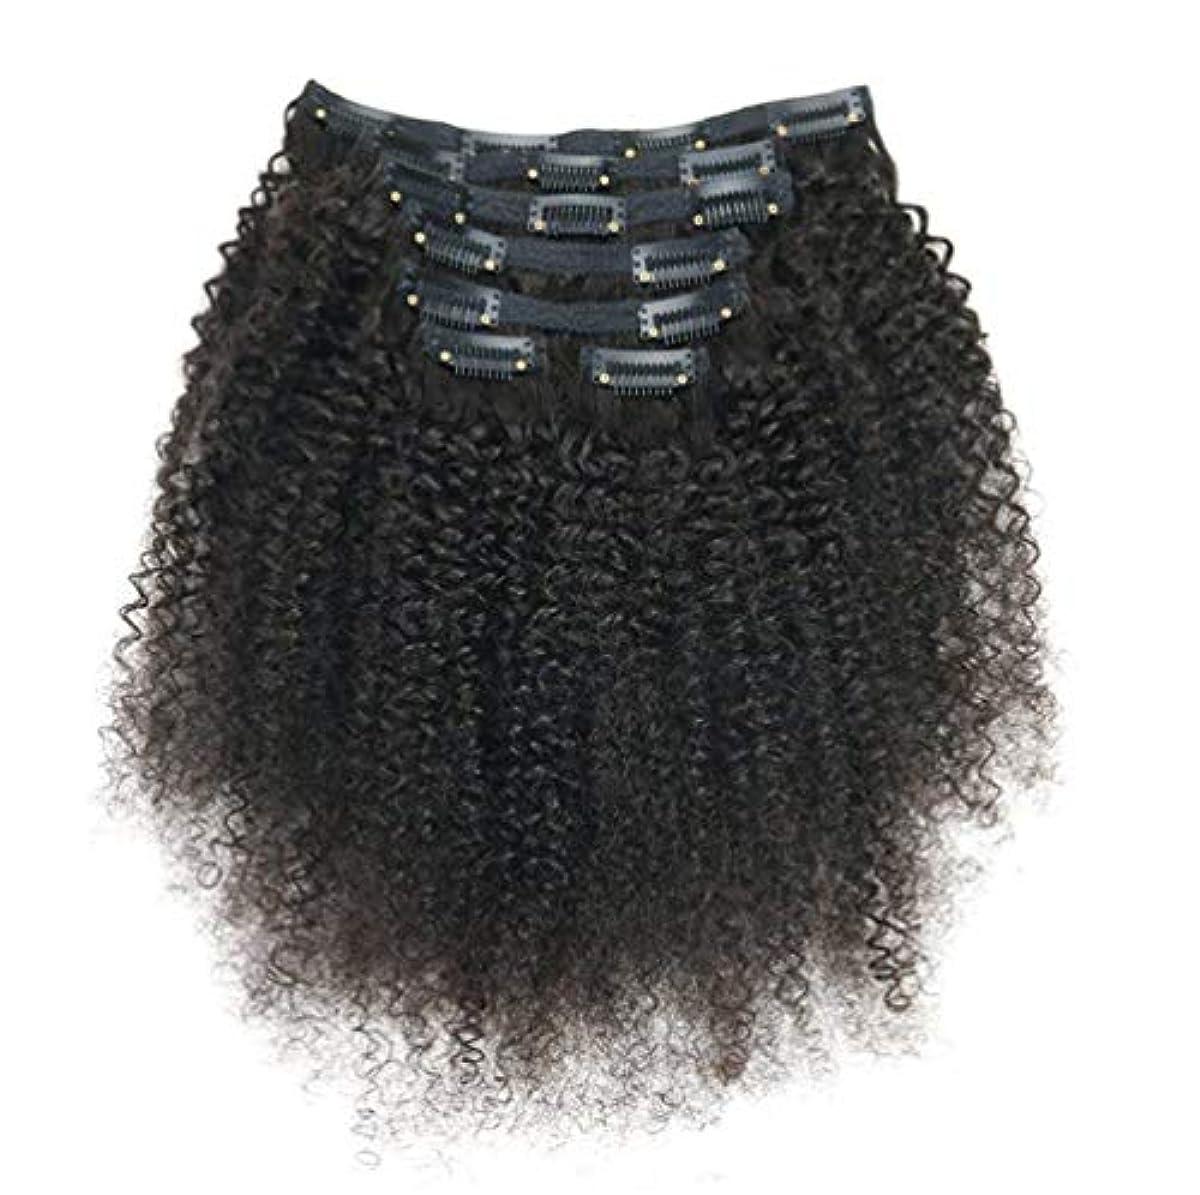 彼ら貢献するパットレミーヘアエクステンションの女性ブラジルリアルクリップ人毛フルヘッド7ピースロングカール